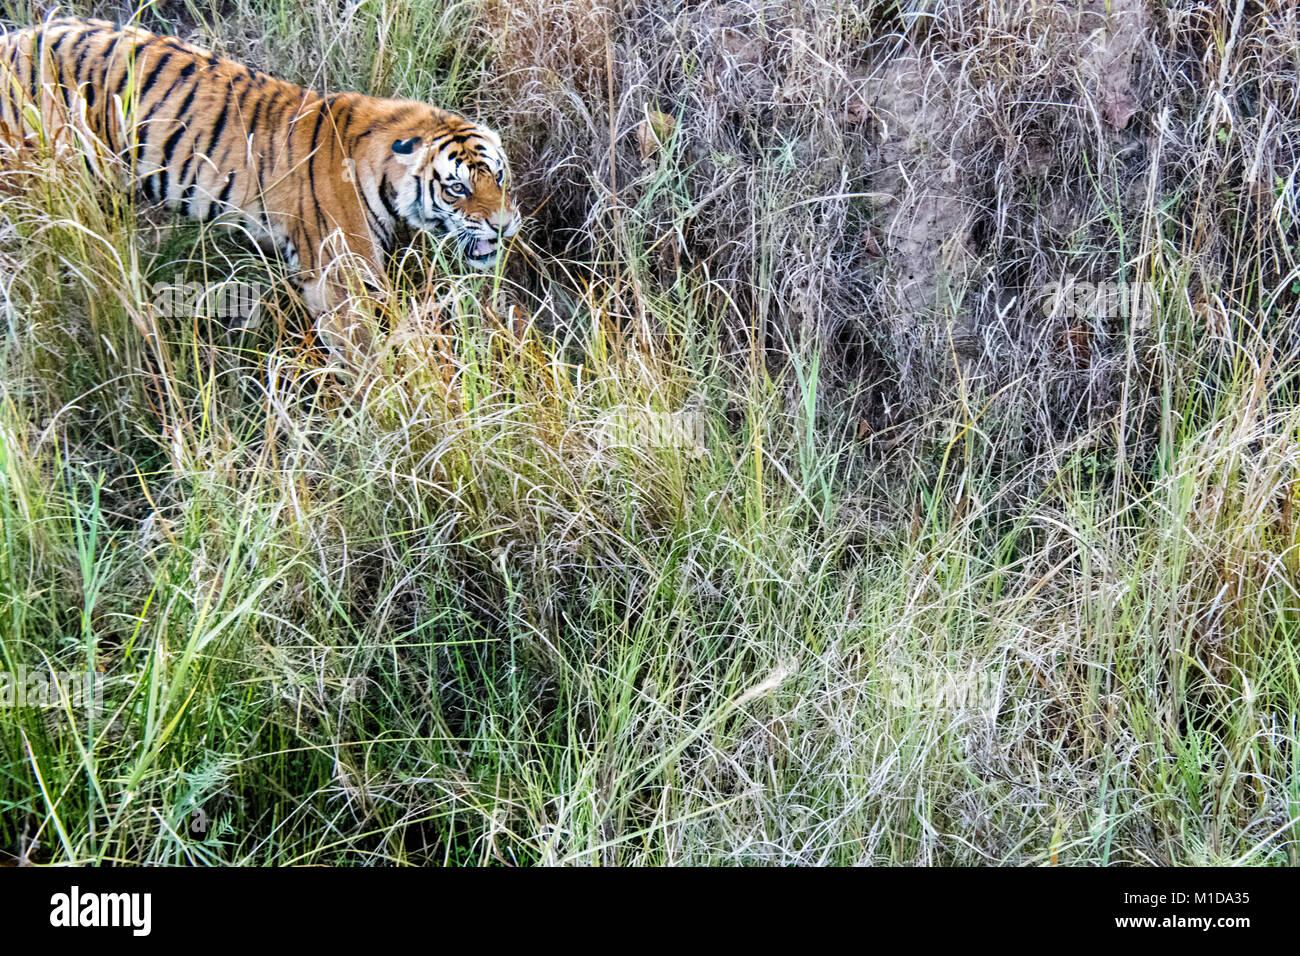 Wild Bengal Tiger, Panthera tigris tigris, snarling, attacking in Bandhavgarh Tiger Reserve, Madhya Pradesh, India - Stock Image